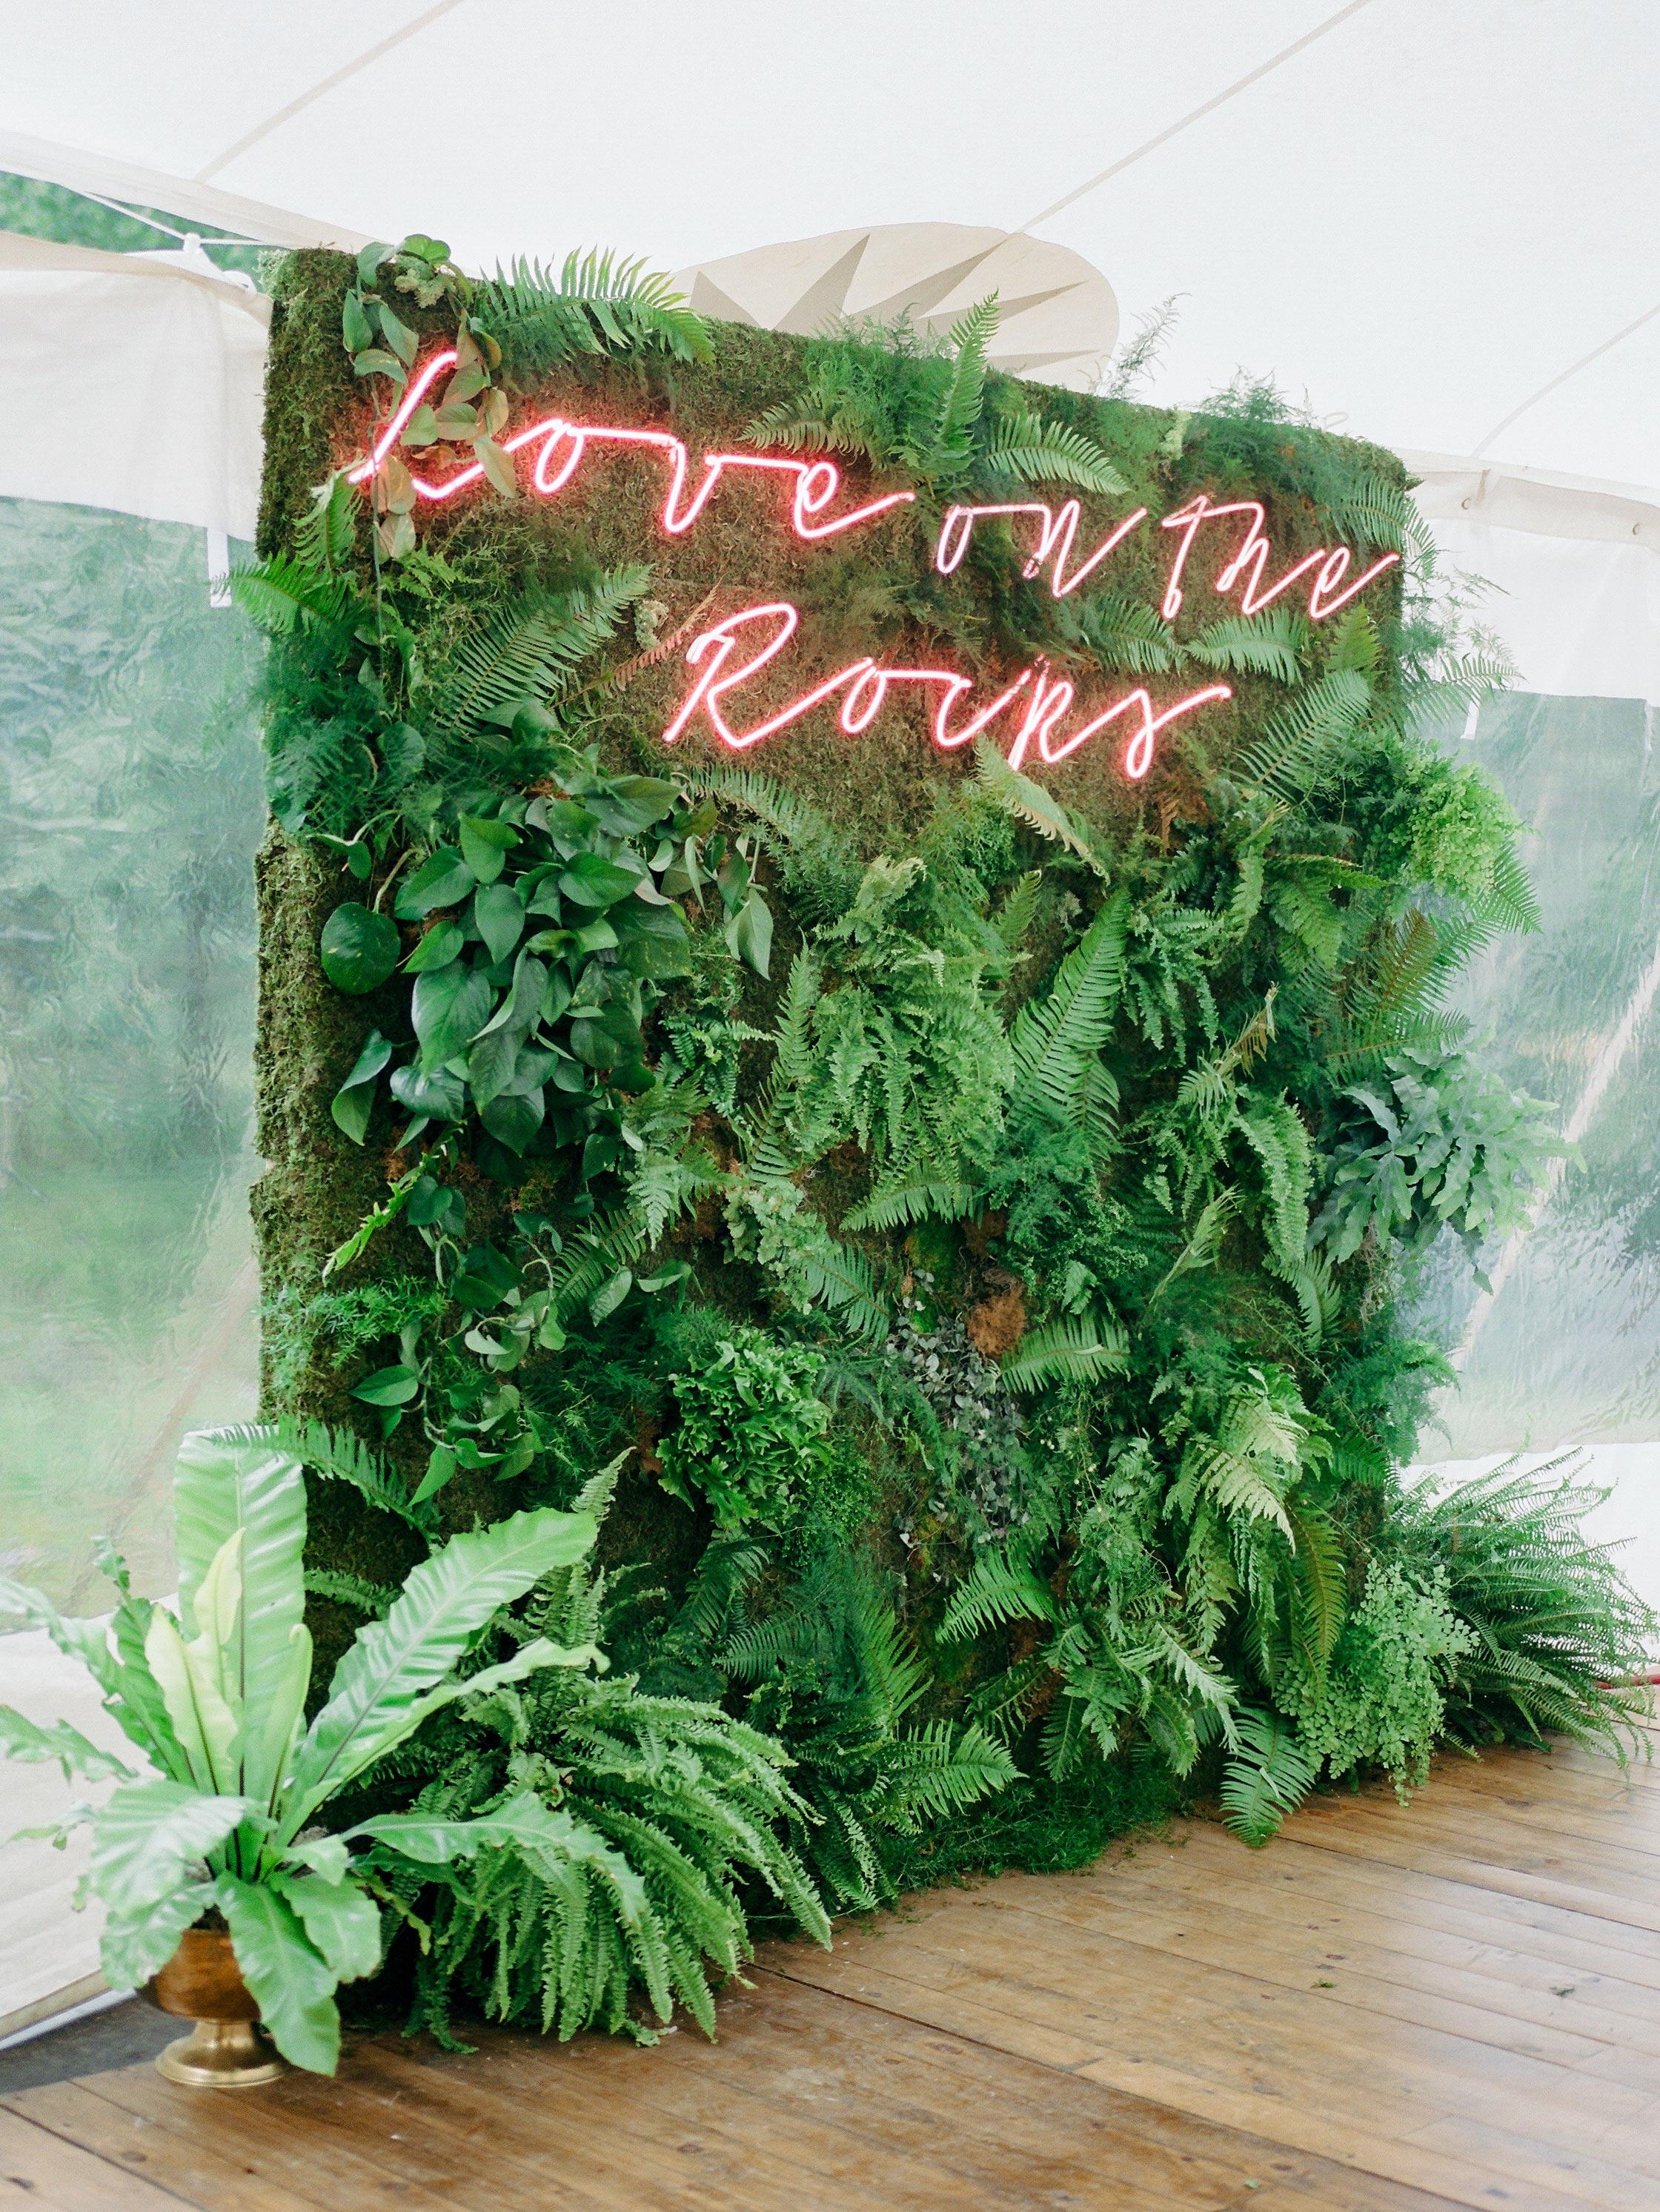 fern greenery backdrop